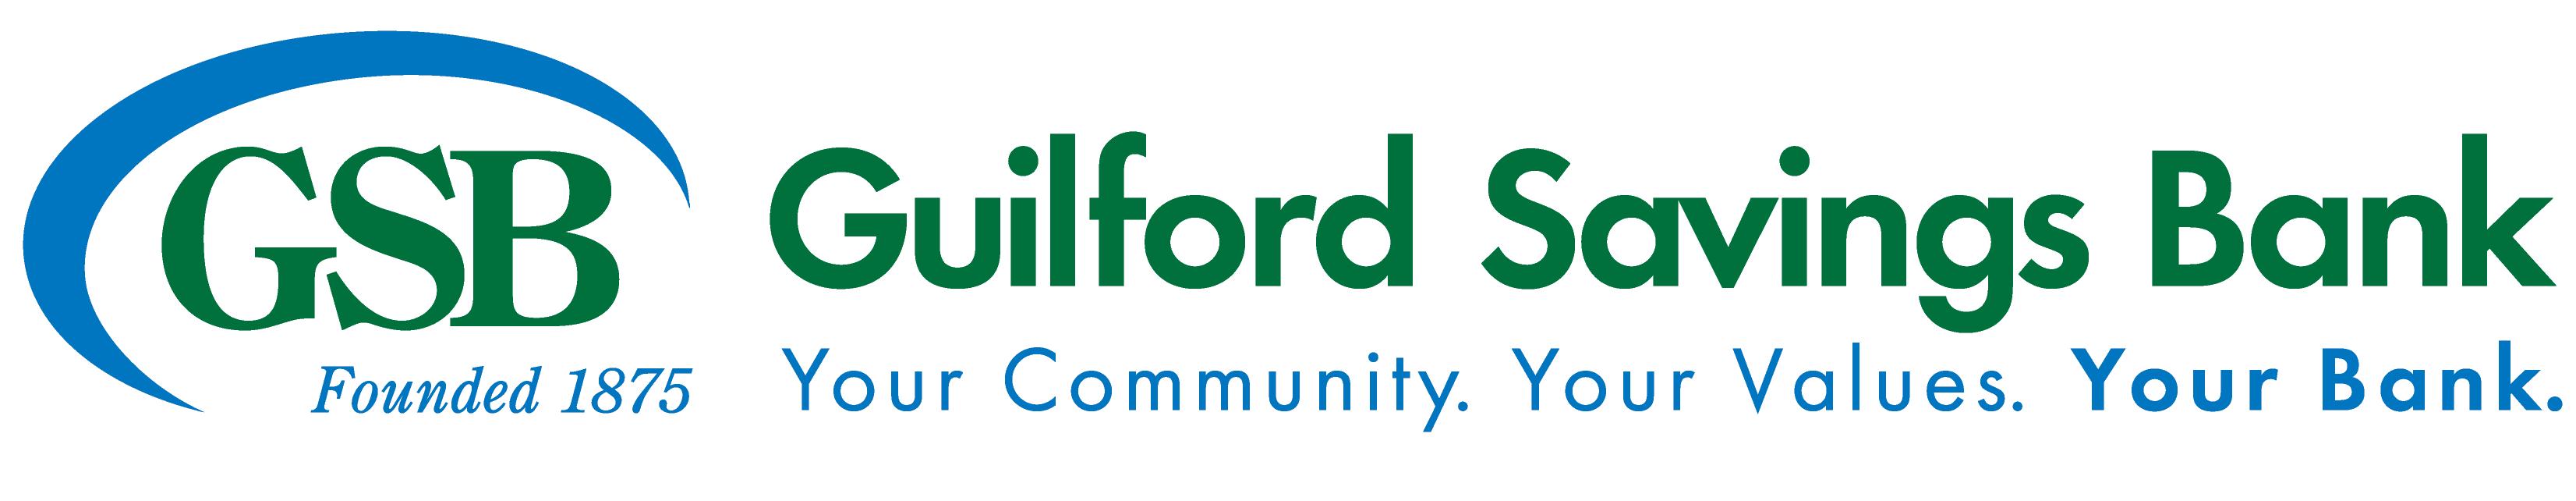 GSB: Guilford Savings Bank